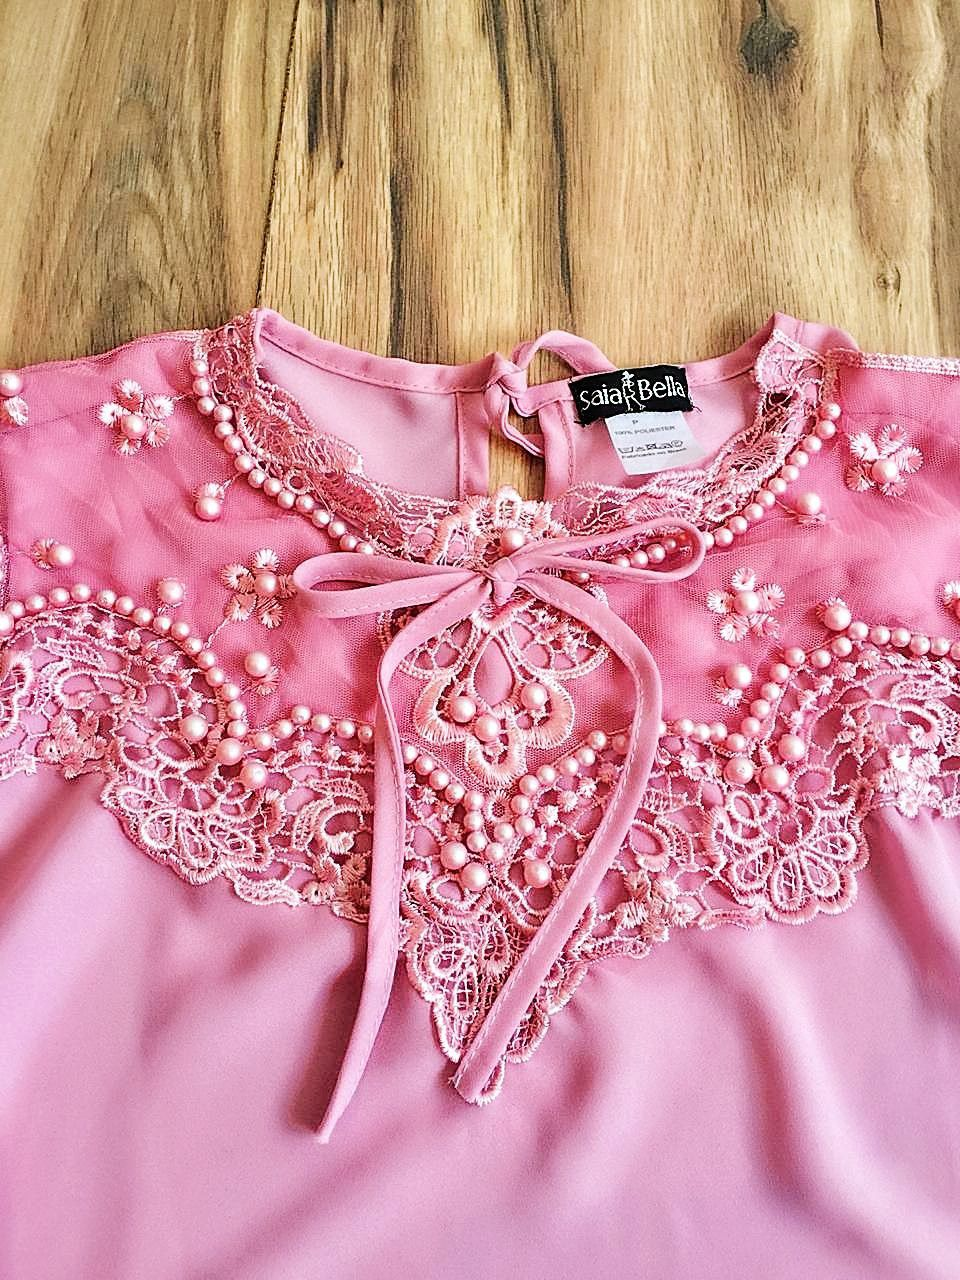 Blusa de Renda Saia Bella - SB9963 rosa